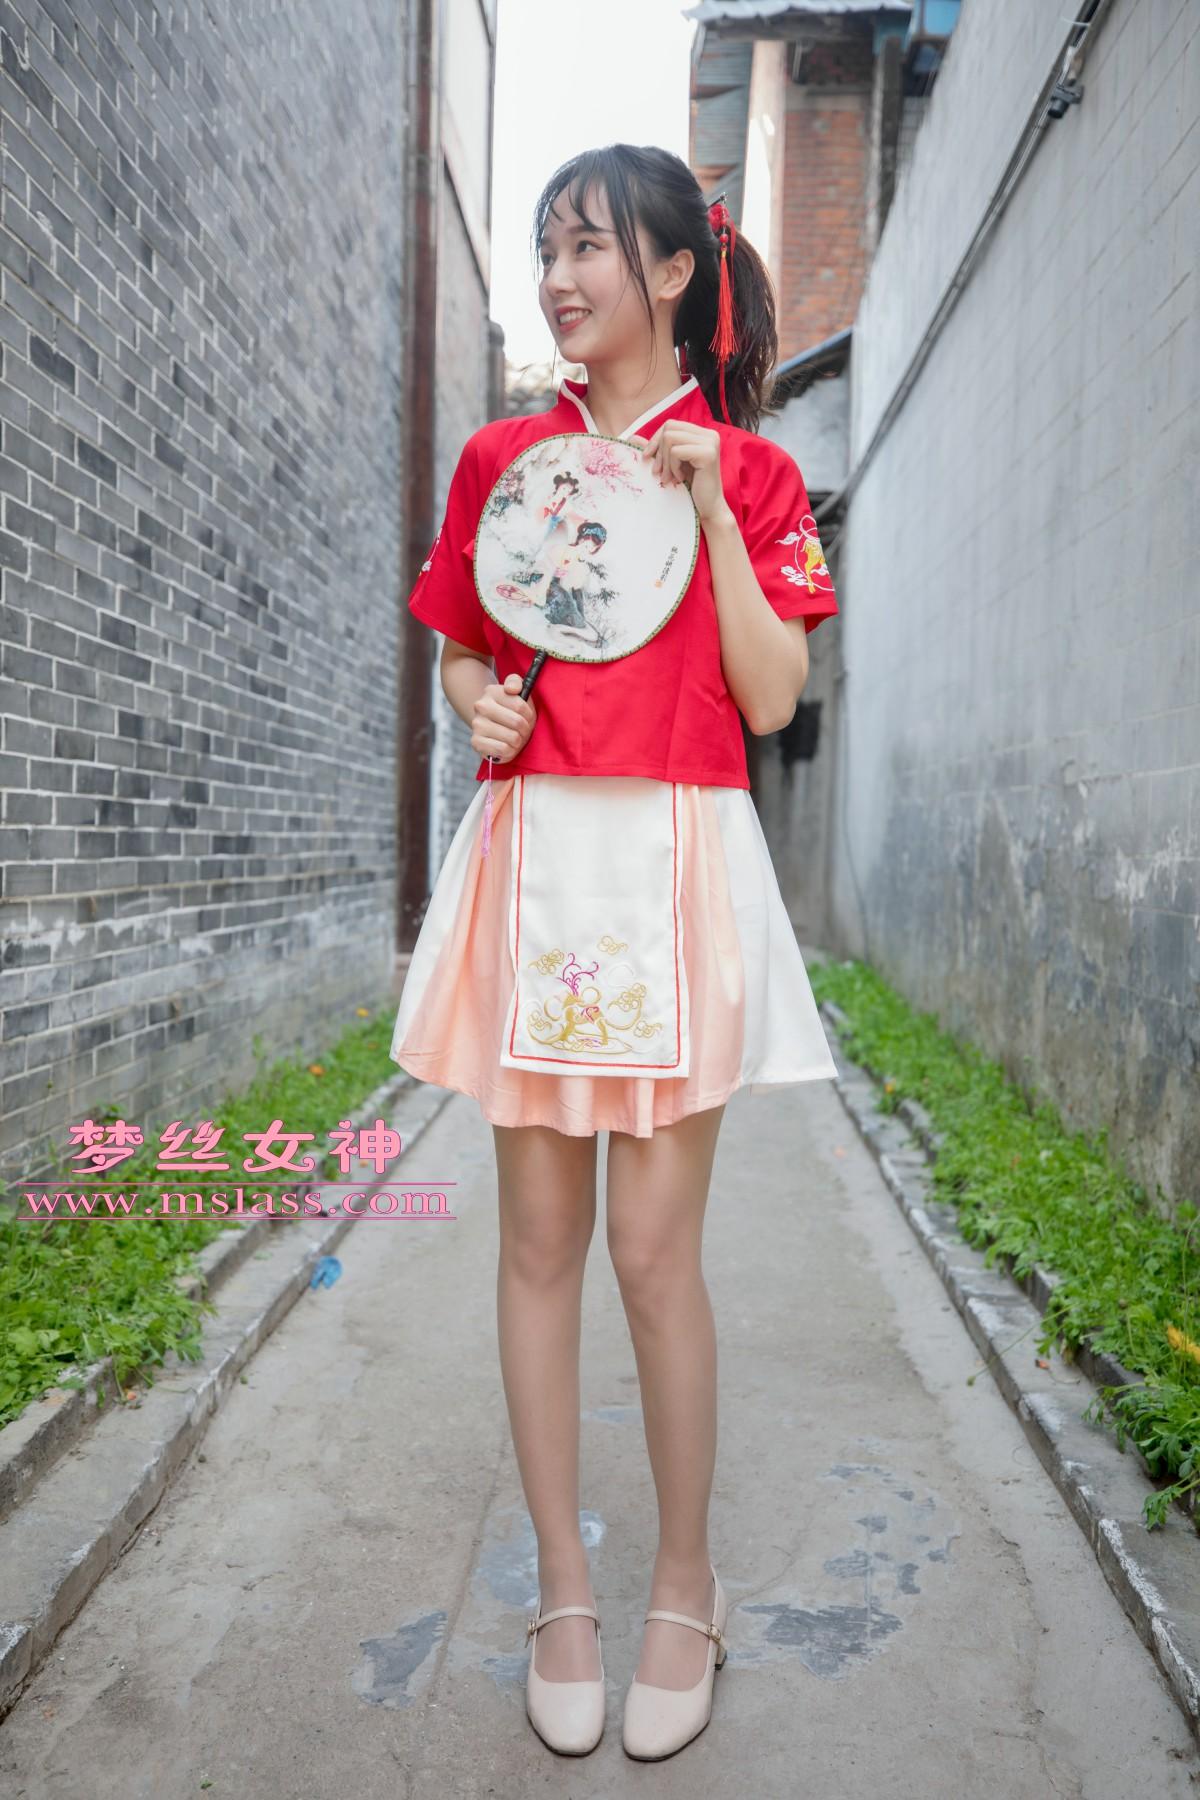 [MSLASS]梦丝女神 玥玥 长城古风少女[97P] 梦丝女神 第3张